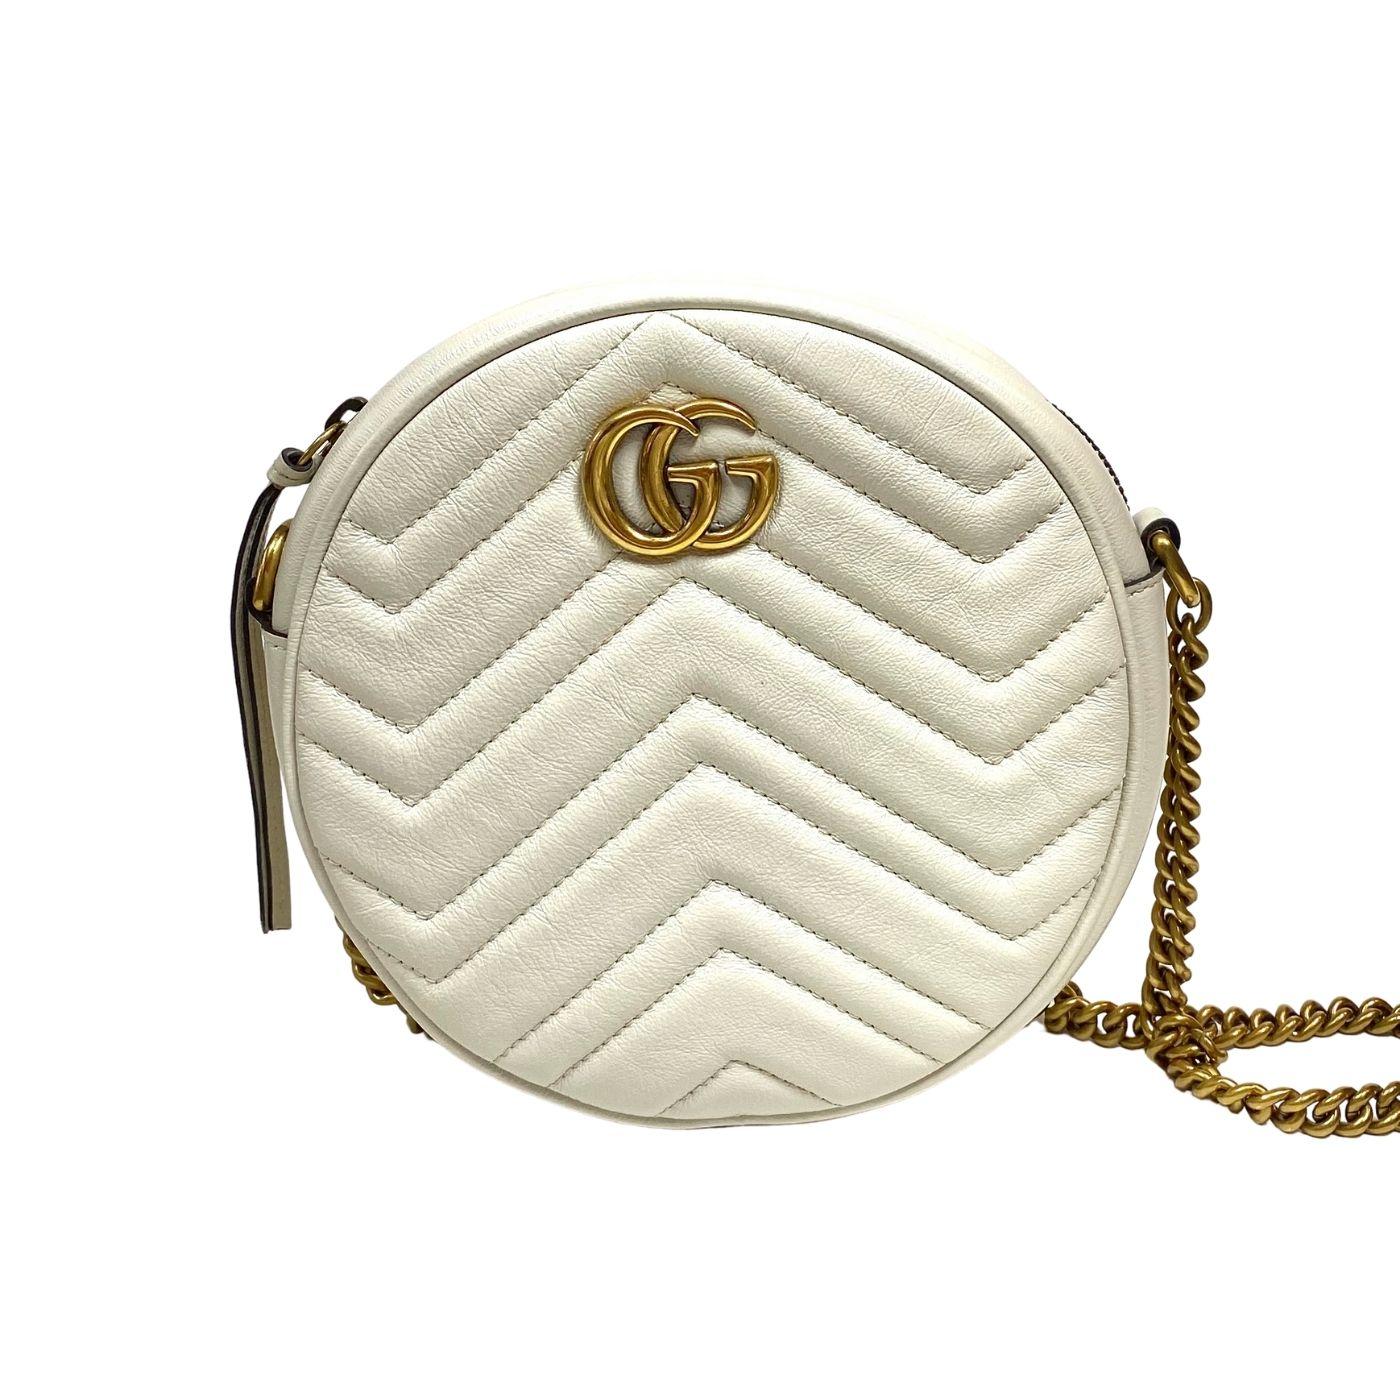 Bolsa Gucci GG Marmont Offwhite